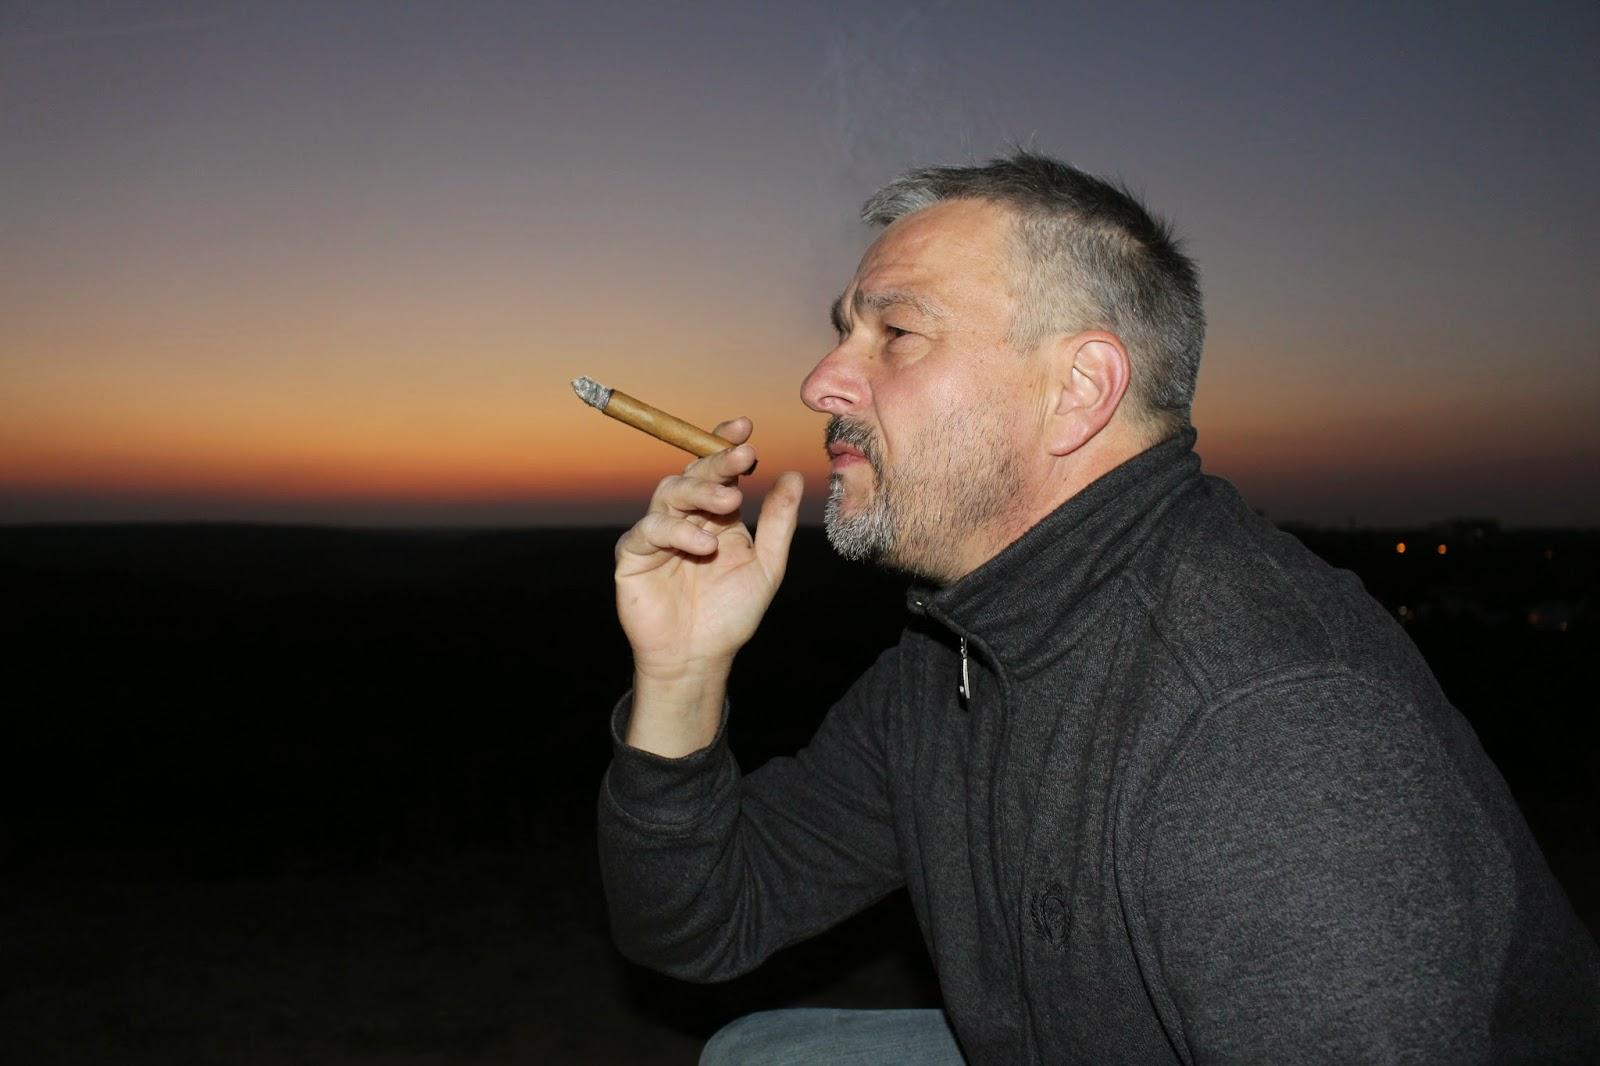 Anbetung und Zigarre; Photo by Thomas Gerlach